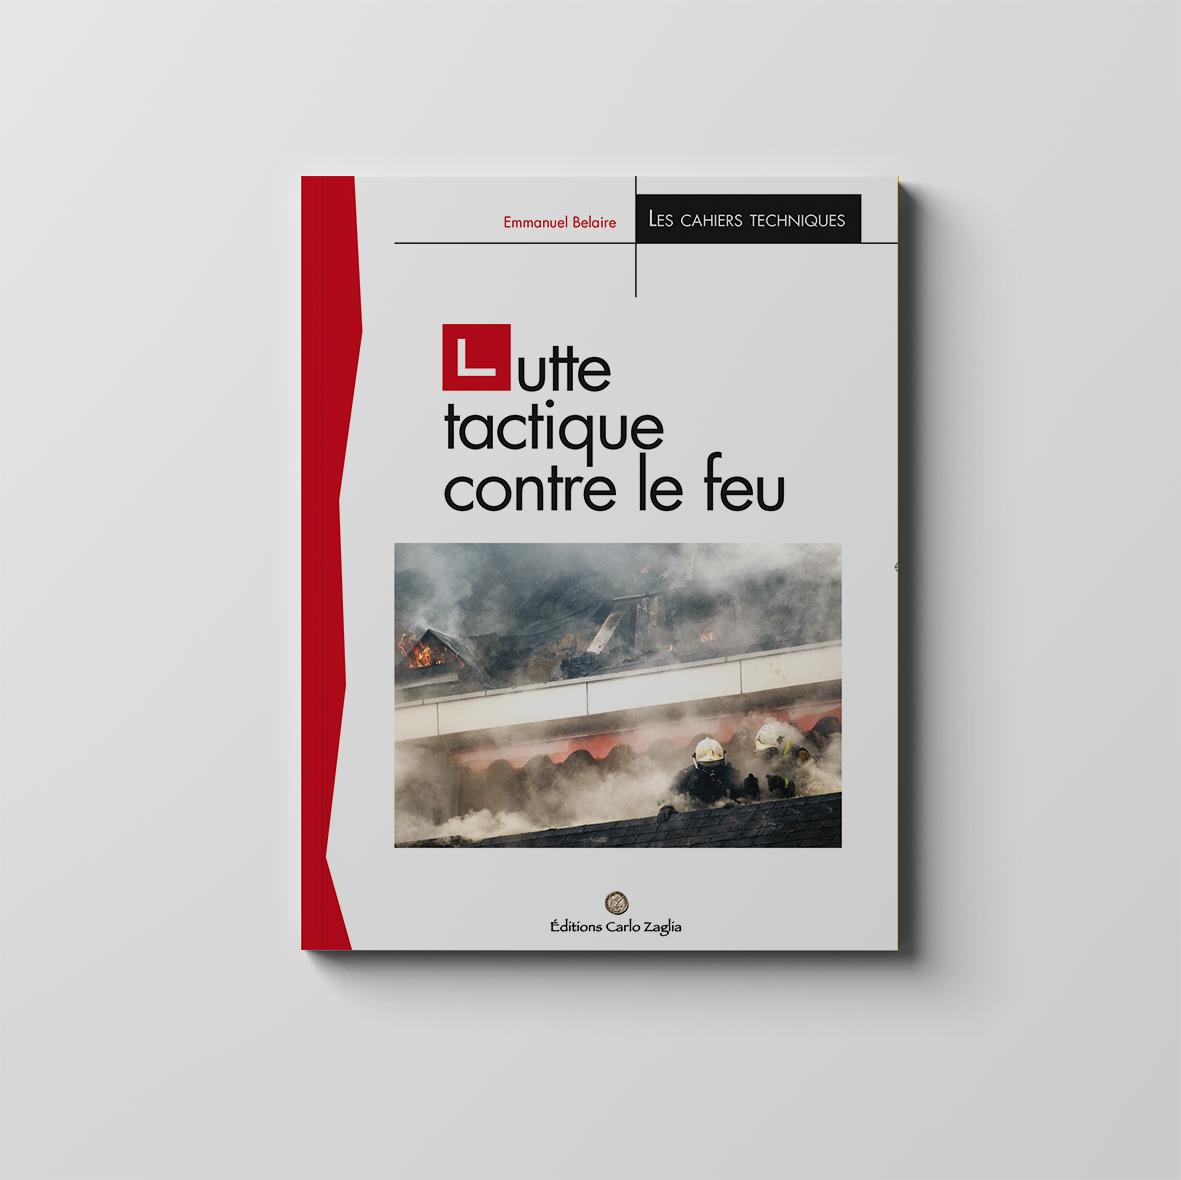 Lutte tactique contre le feu